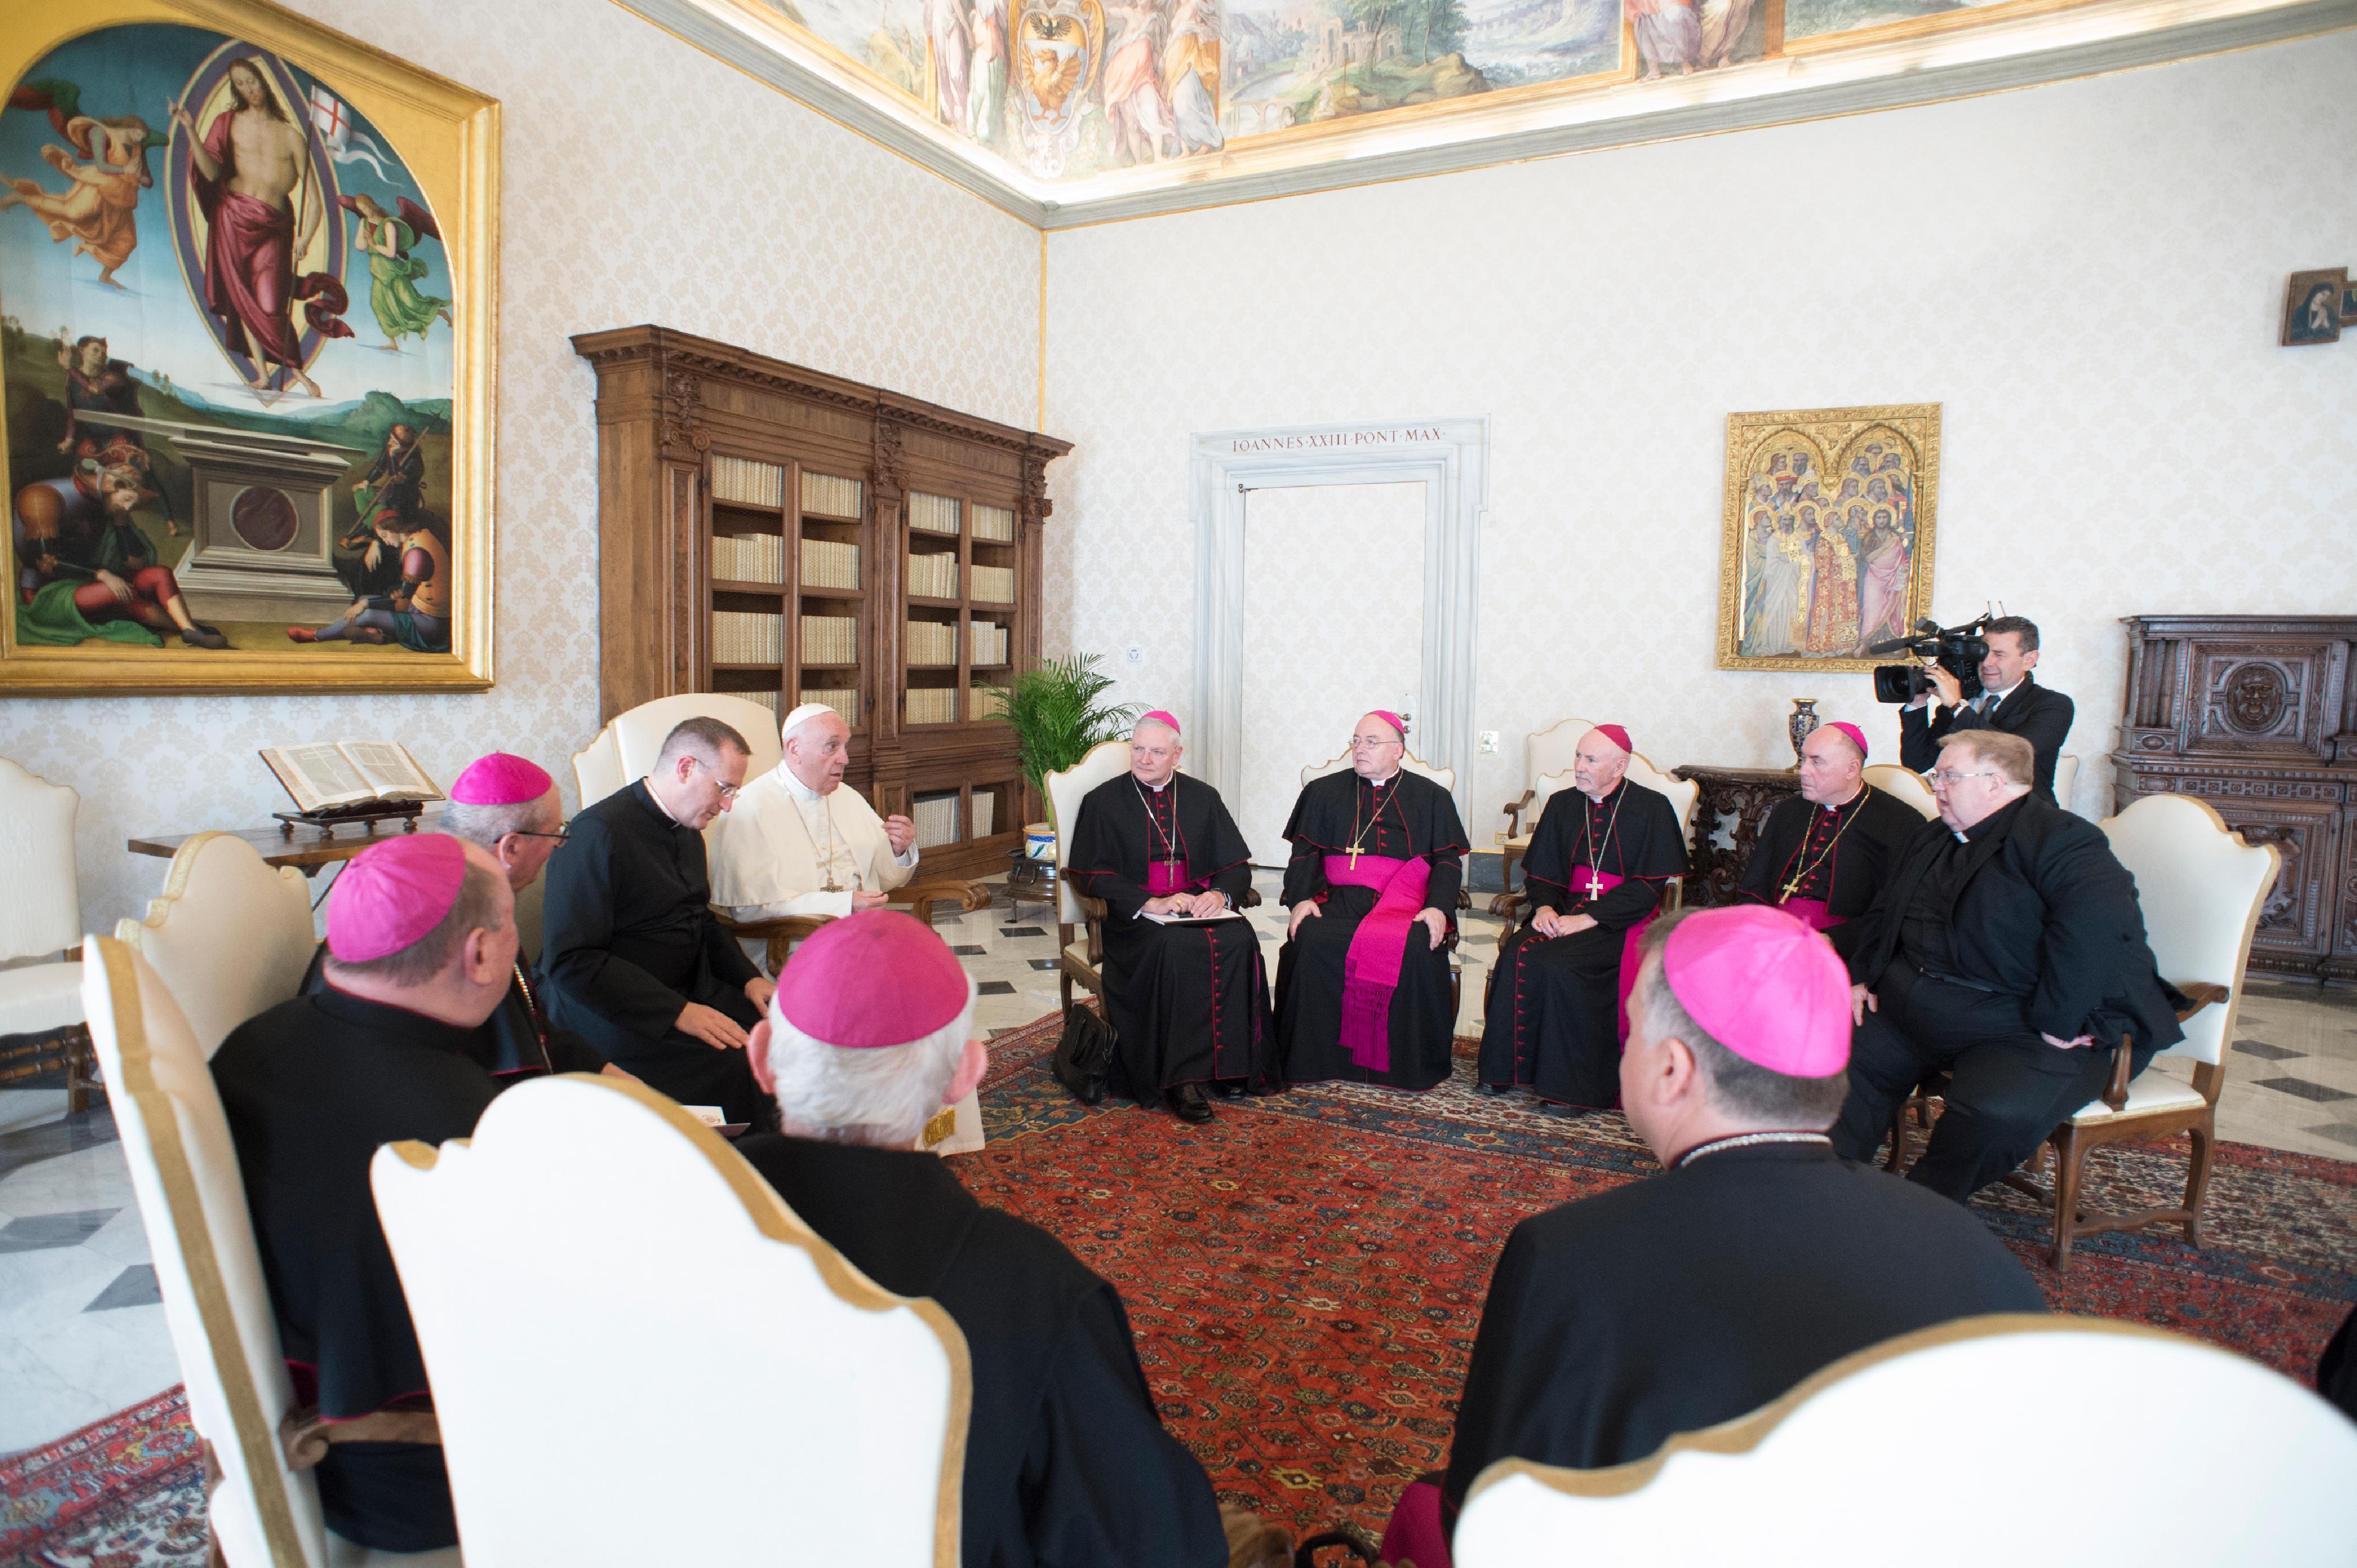 Ecosse, ad limina 2018 © Vatican Media